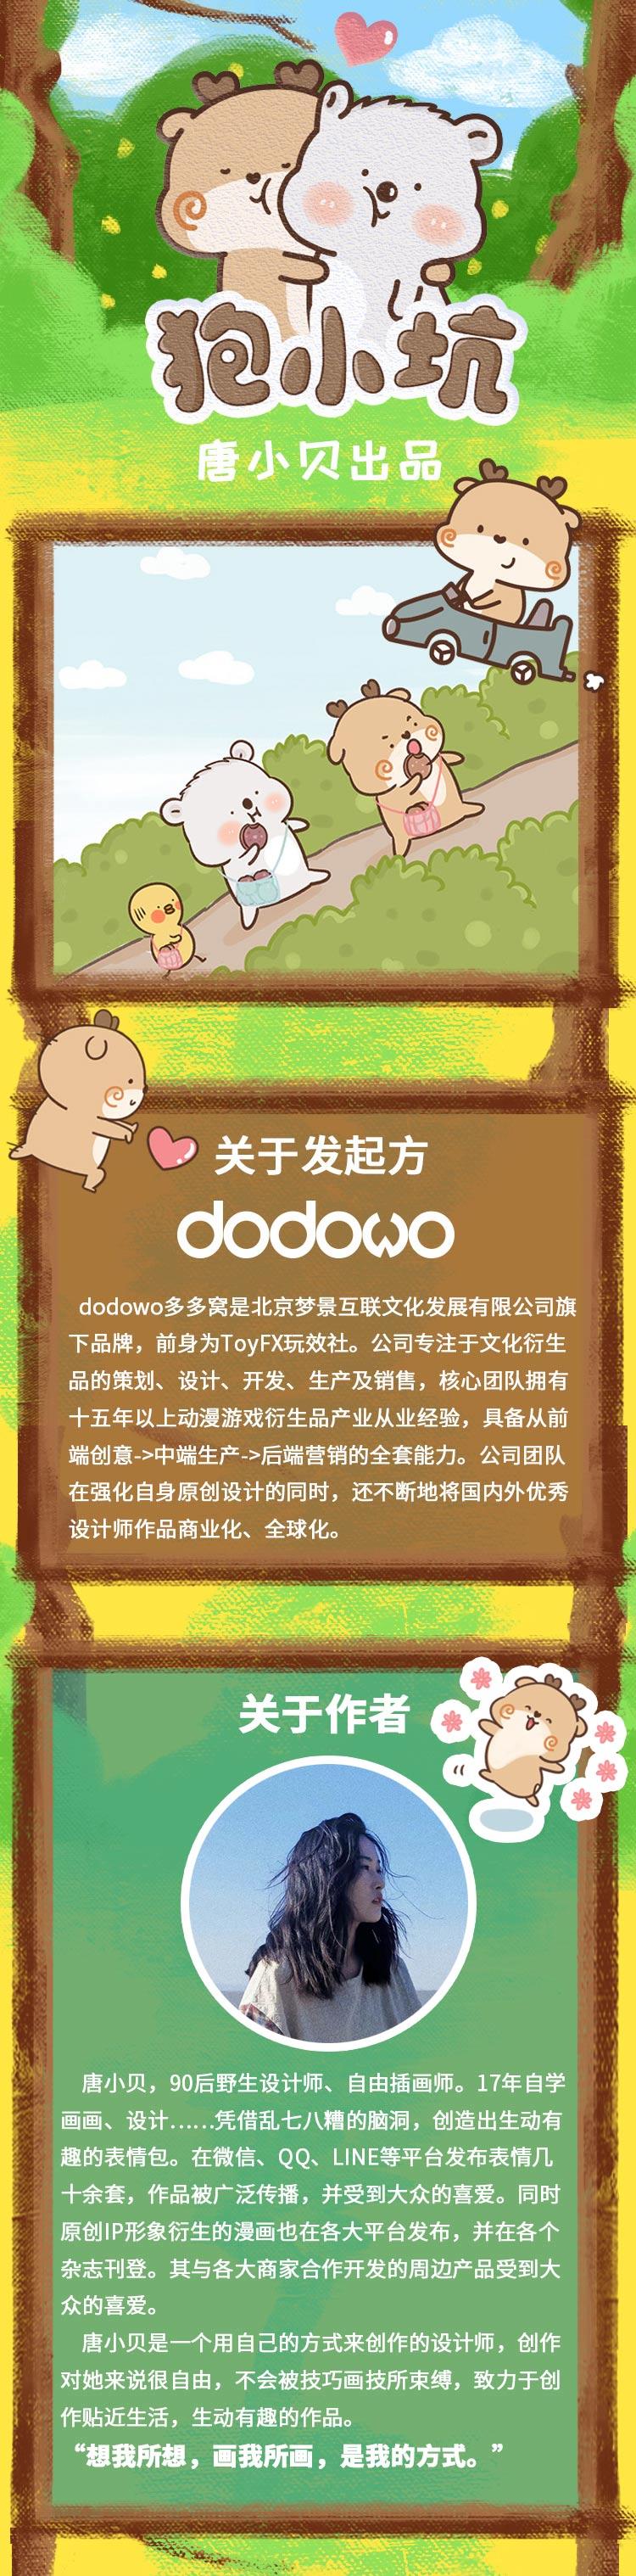 徽章串图_01.jpg